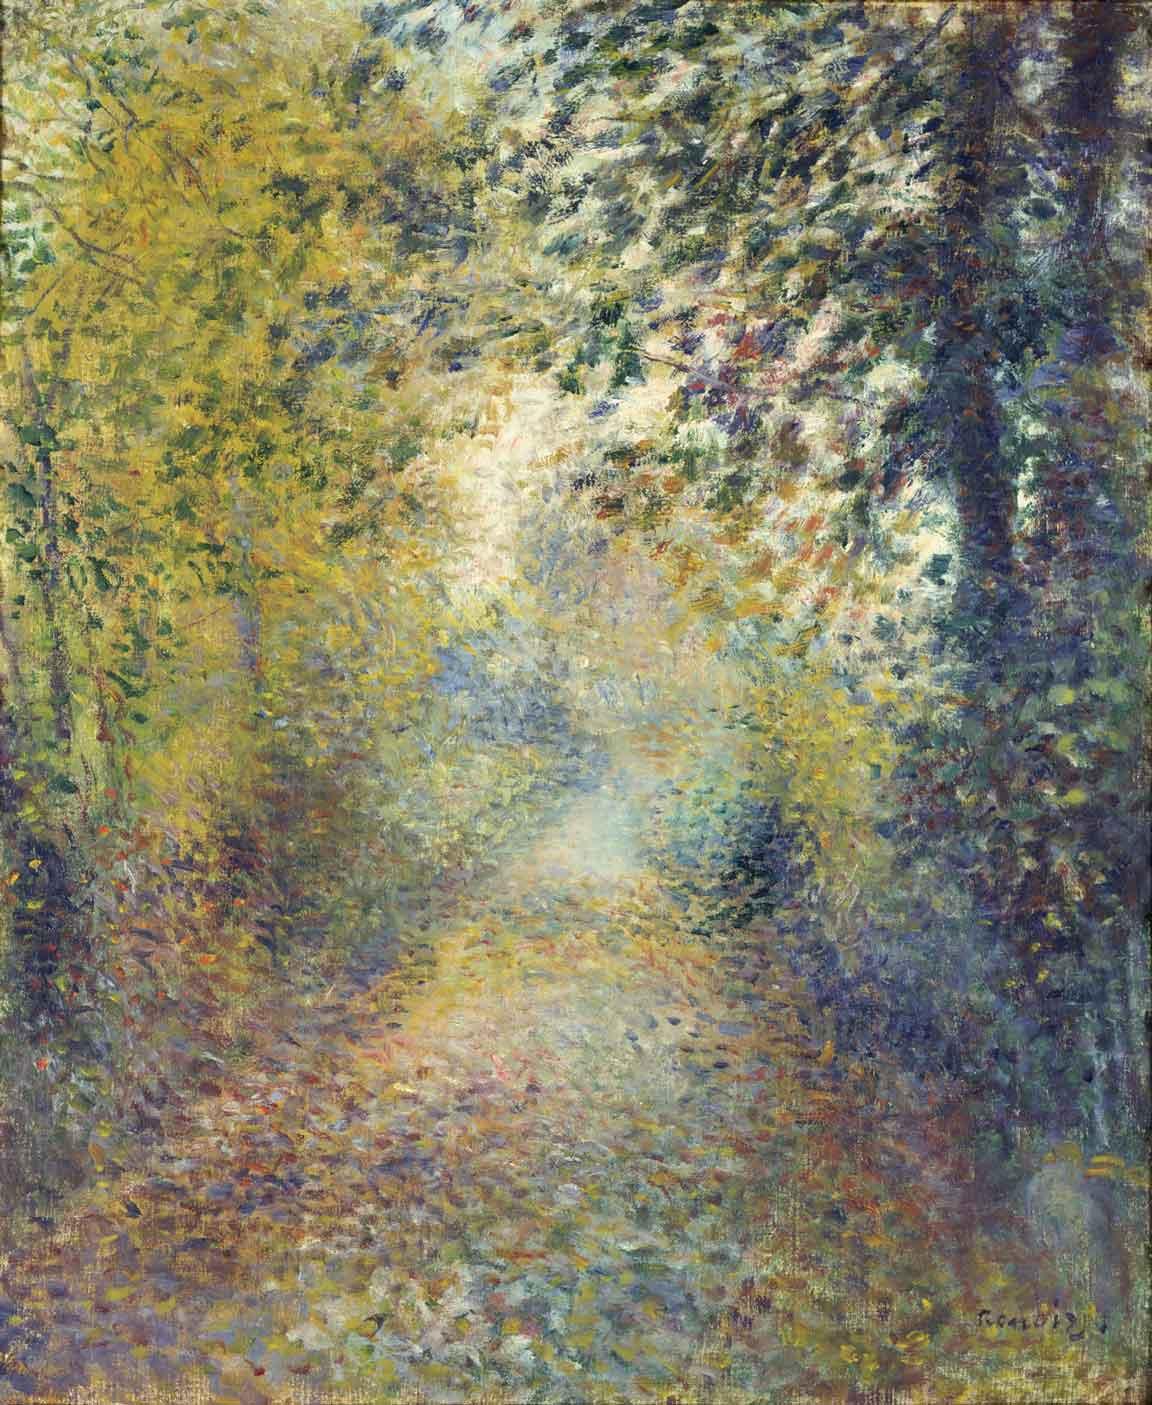 6-Renoir-InTheWoods-1880